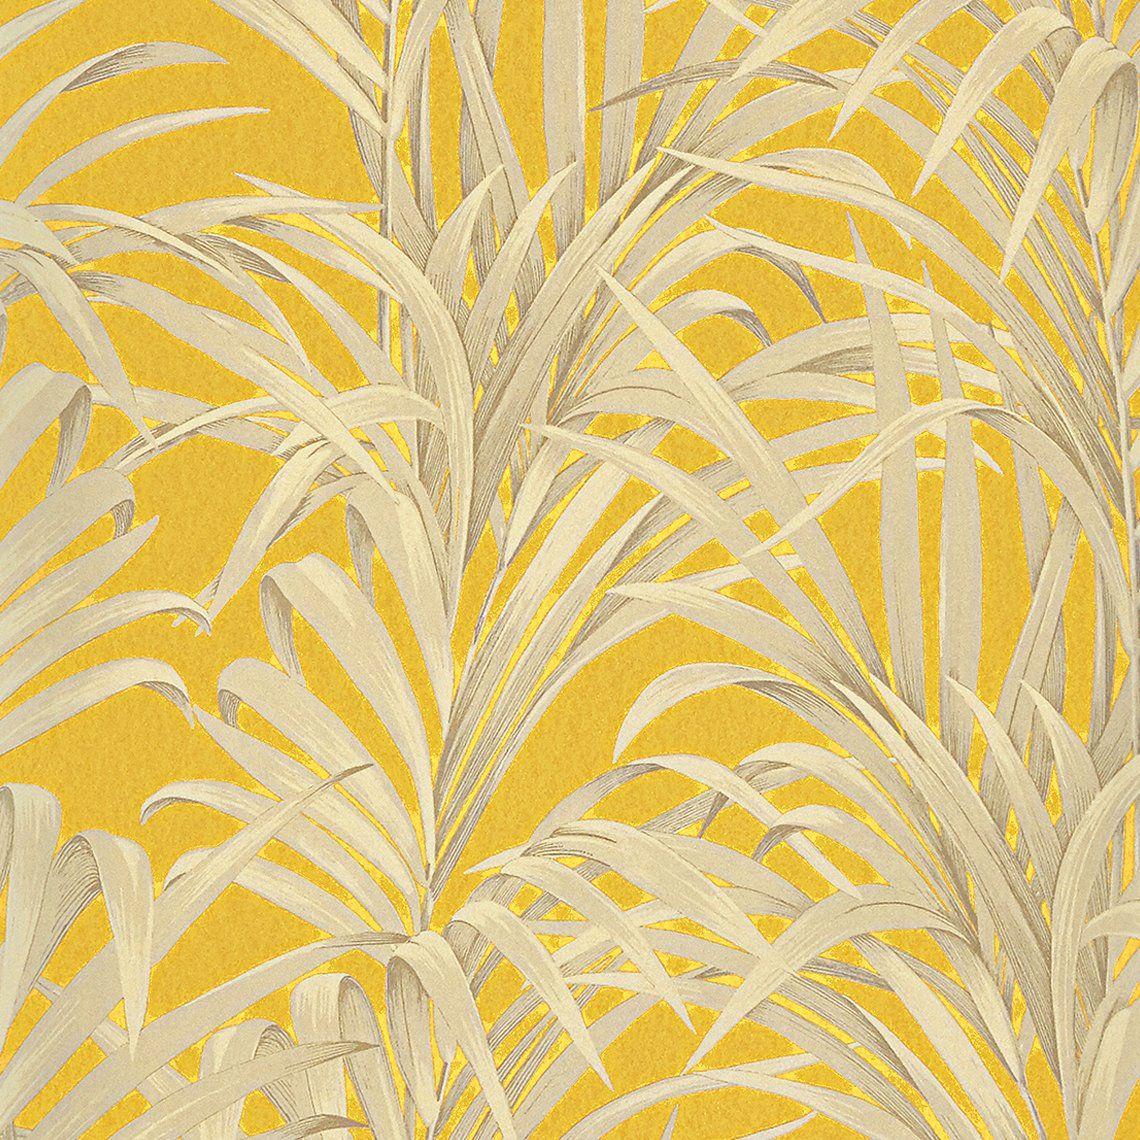 Papier peint DOMITILLE 100% intissé motif tropical, jaune moutarde